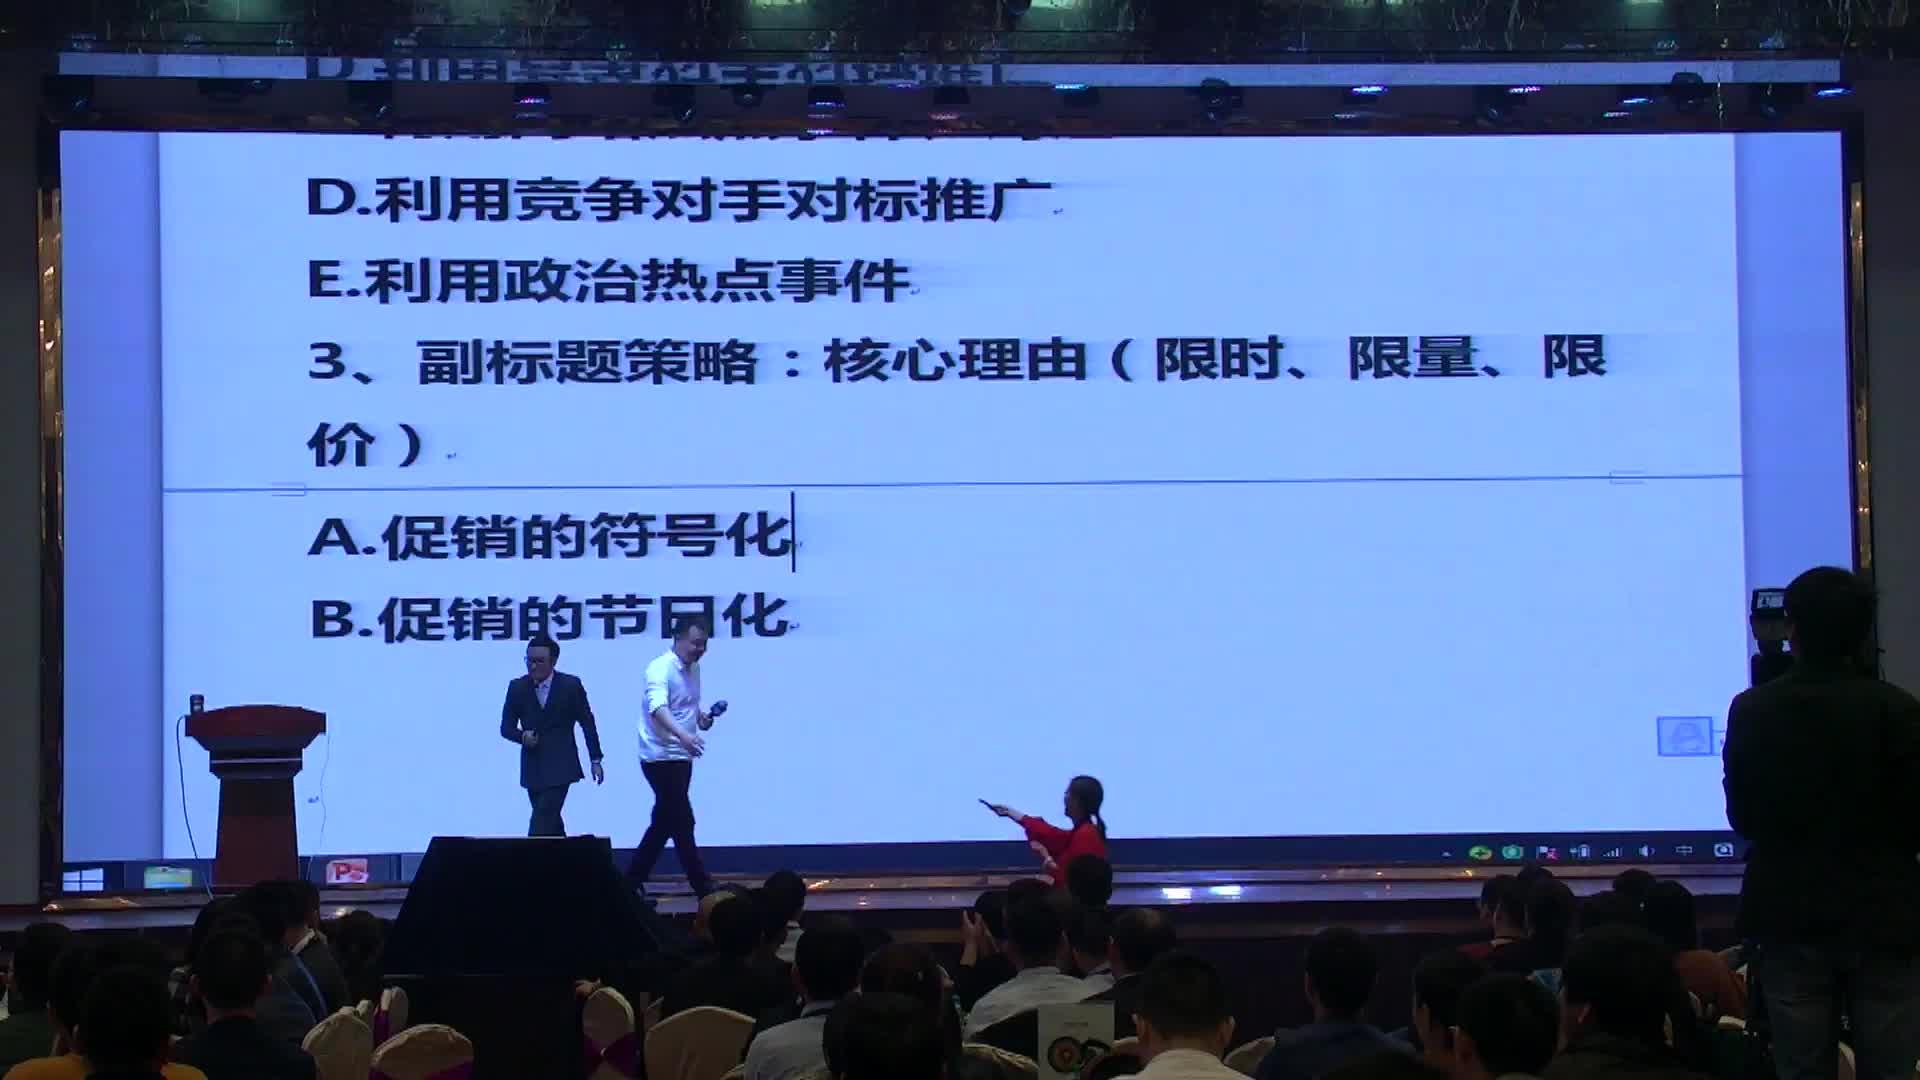 思和赵老师—节日营销策划